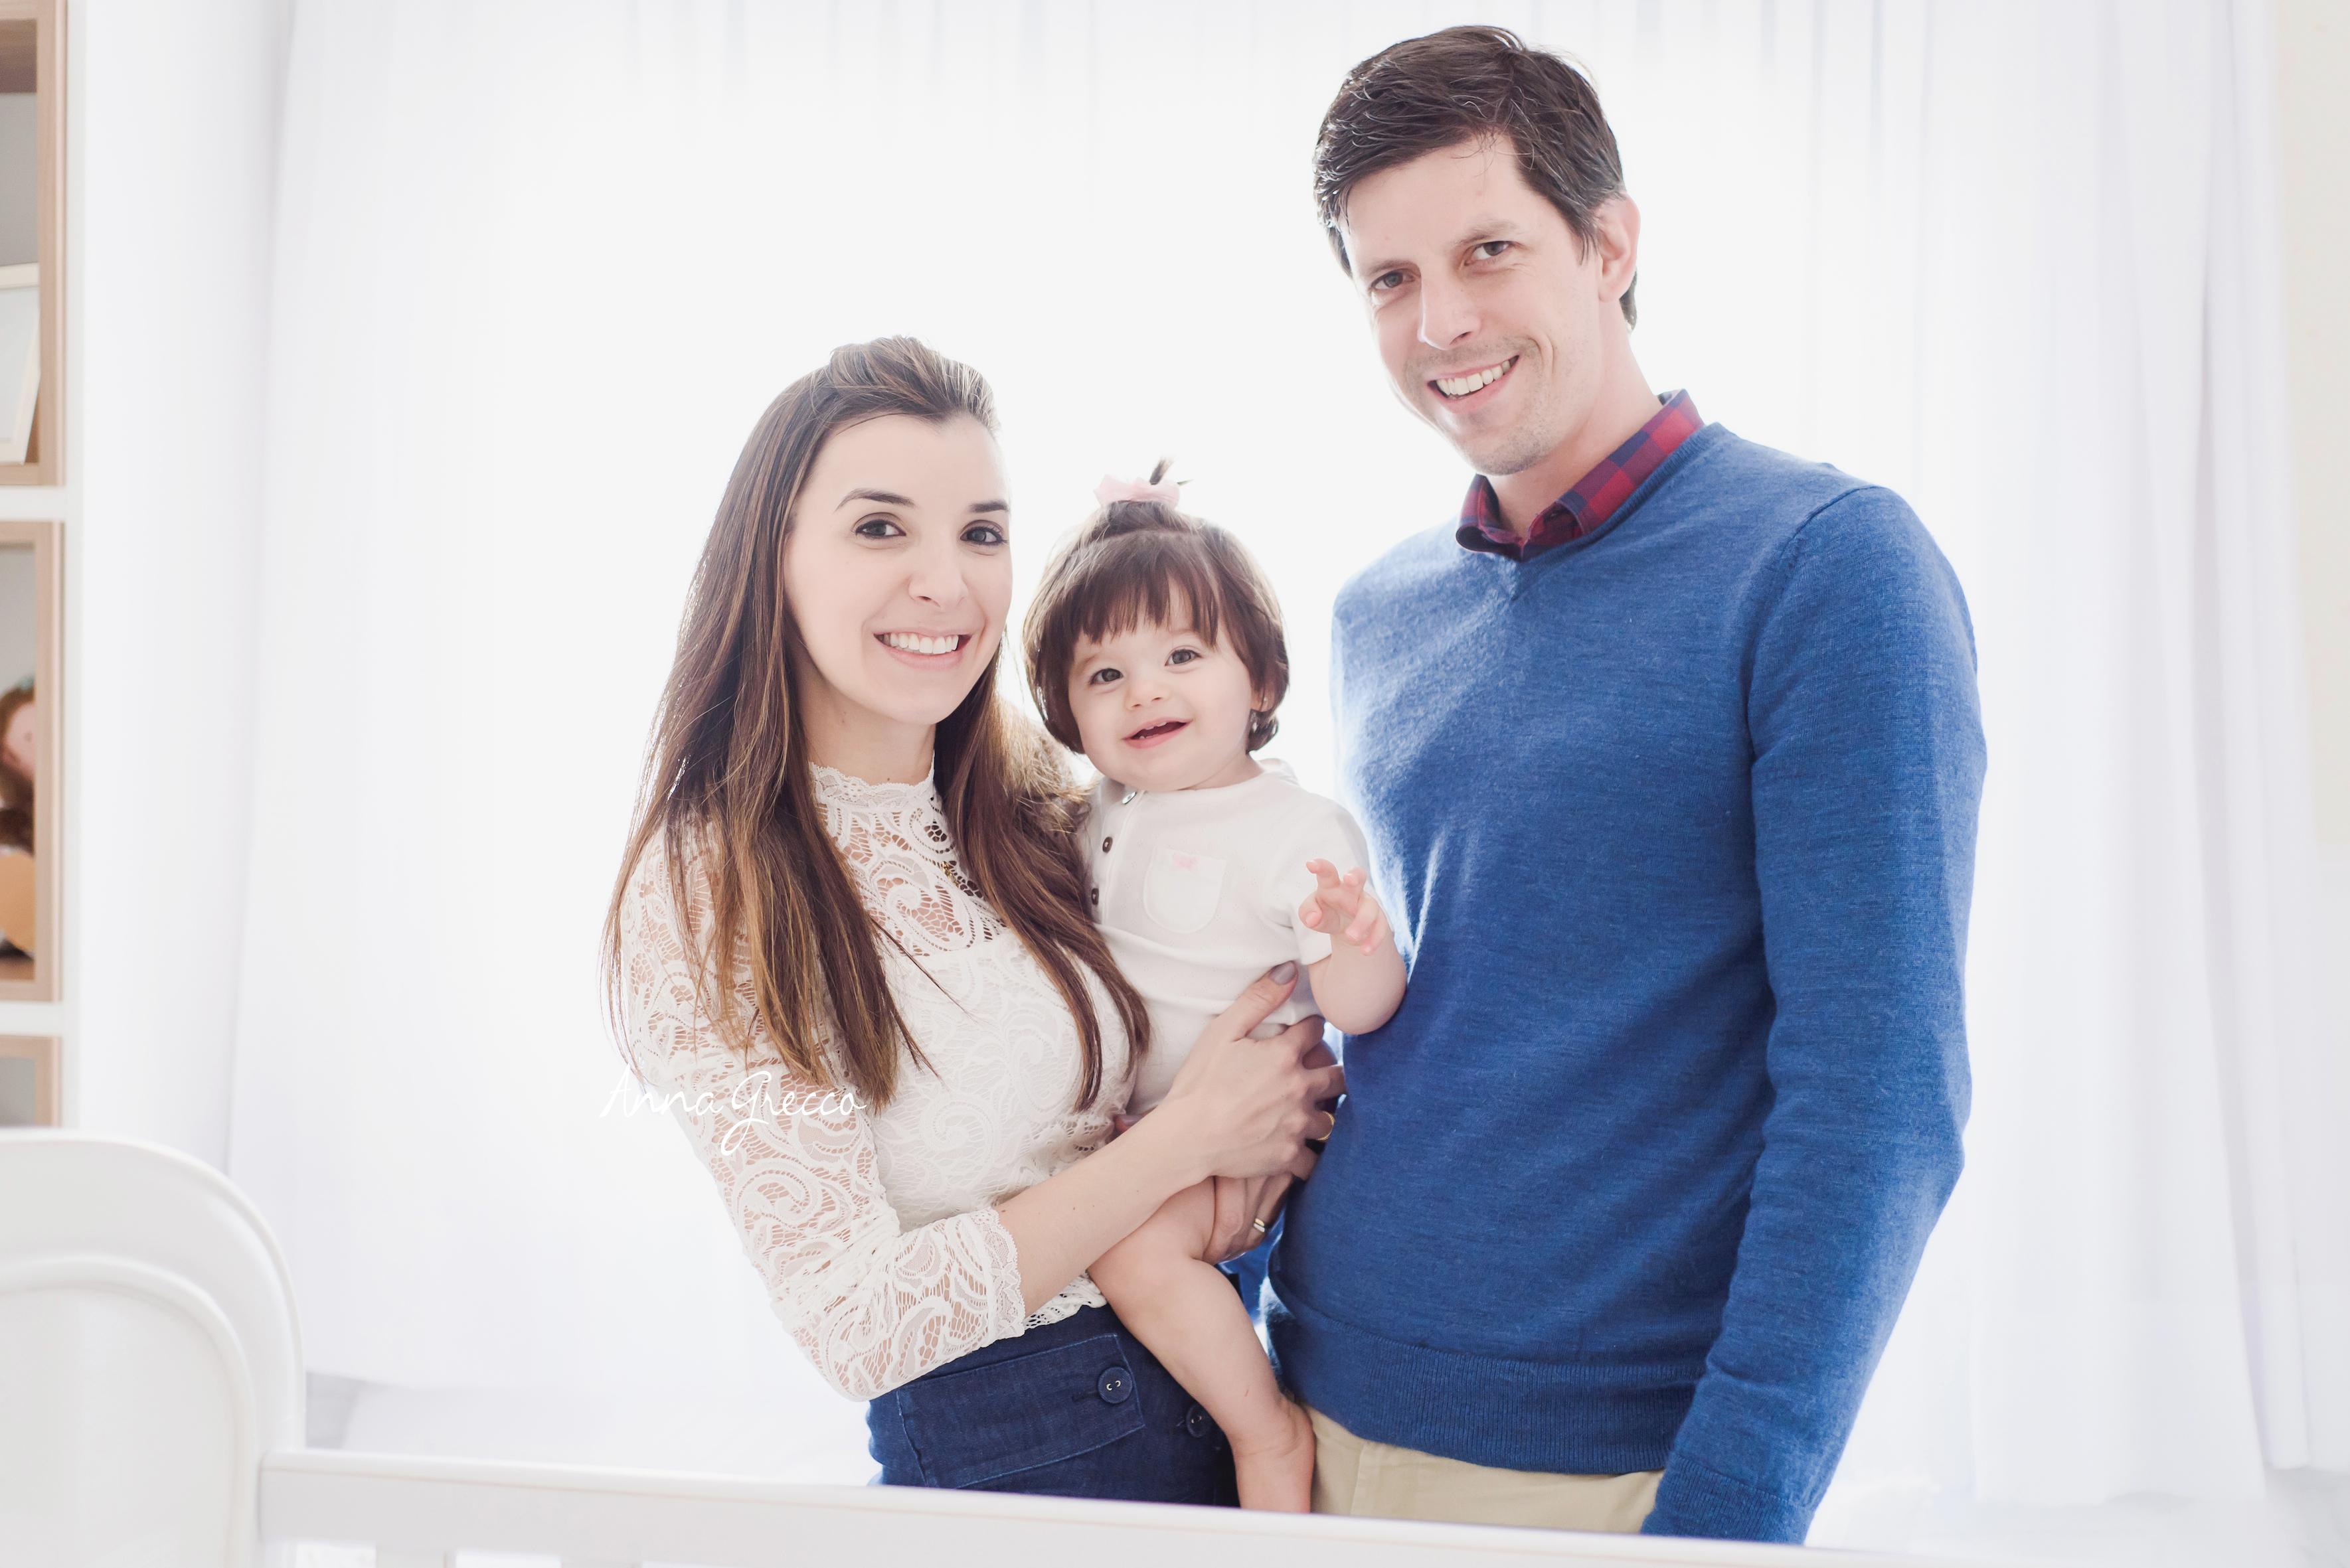 www.annagrecco.com.br Fotos de bebes, crianças, gestantes e famílias